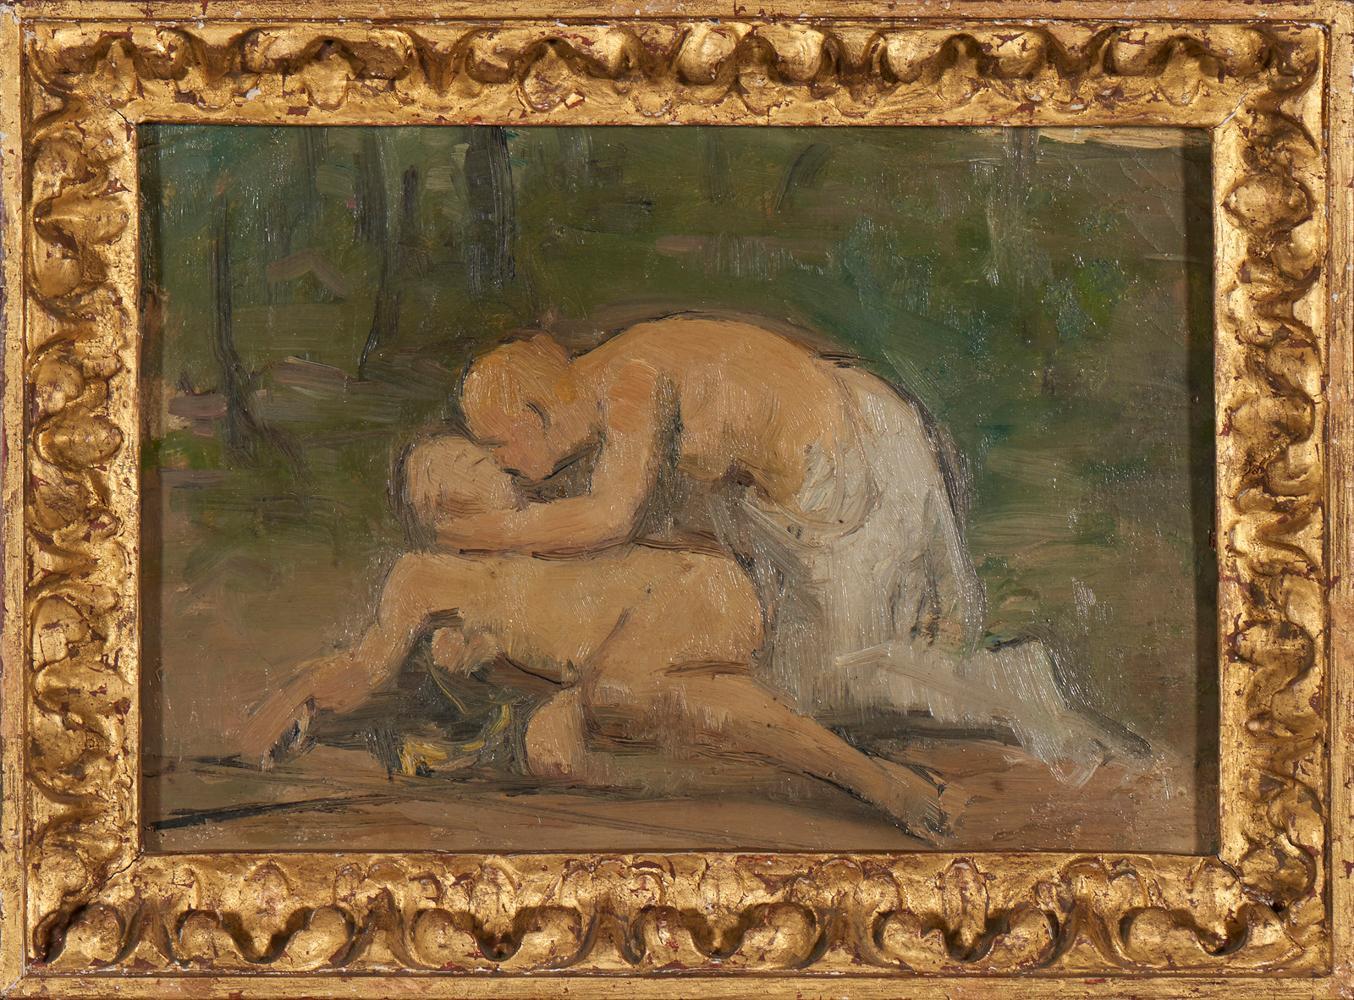 Autor n. identif., Óleo s/ tela, 23,5 x 32,5 cm